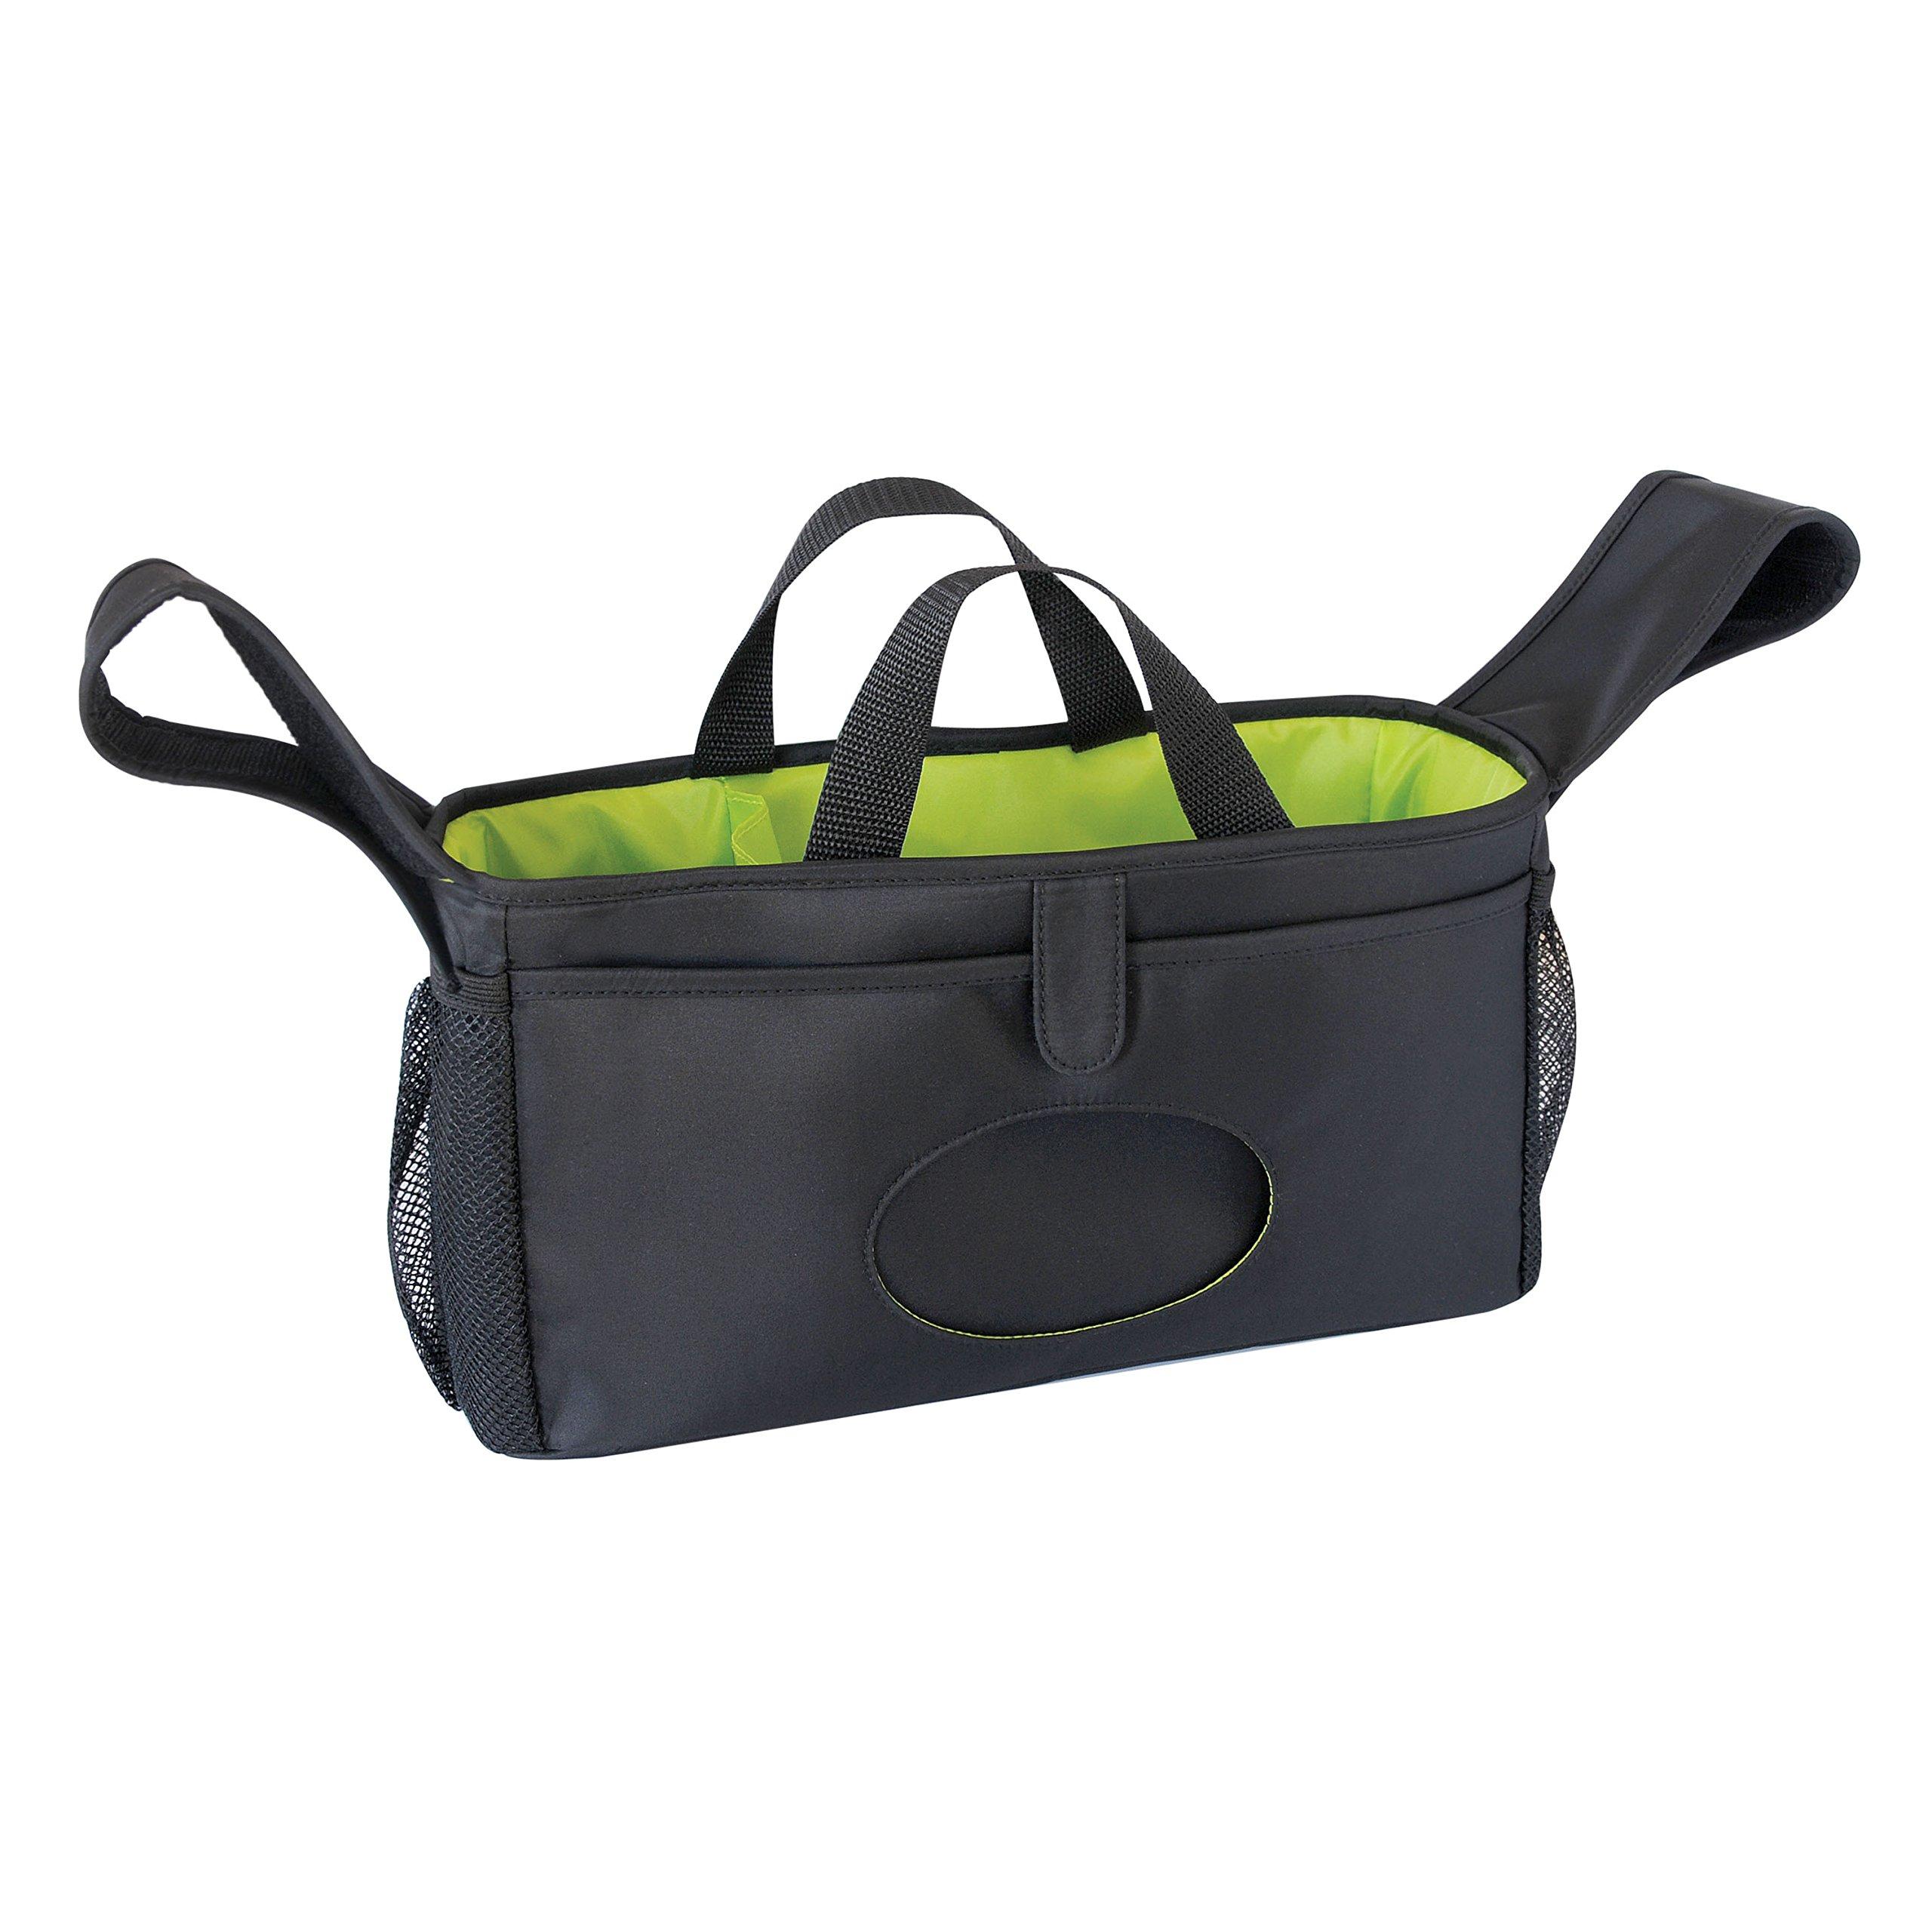 Goldbug - Adjustable and Secure Stroller Organizer - Black